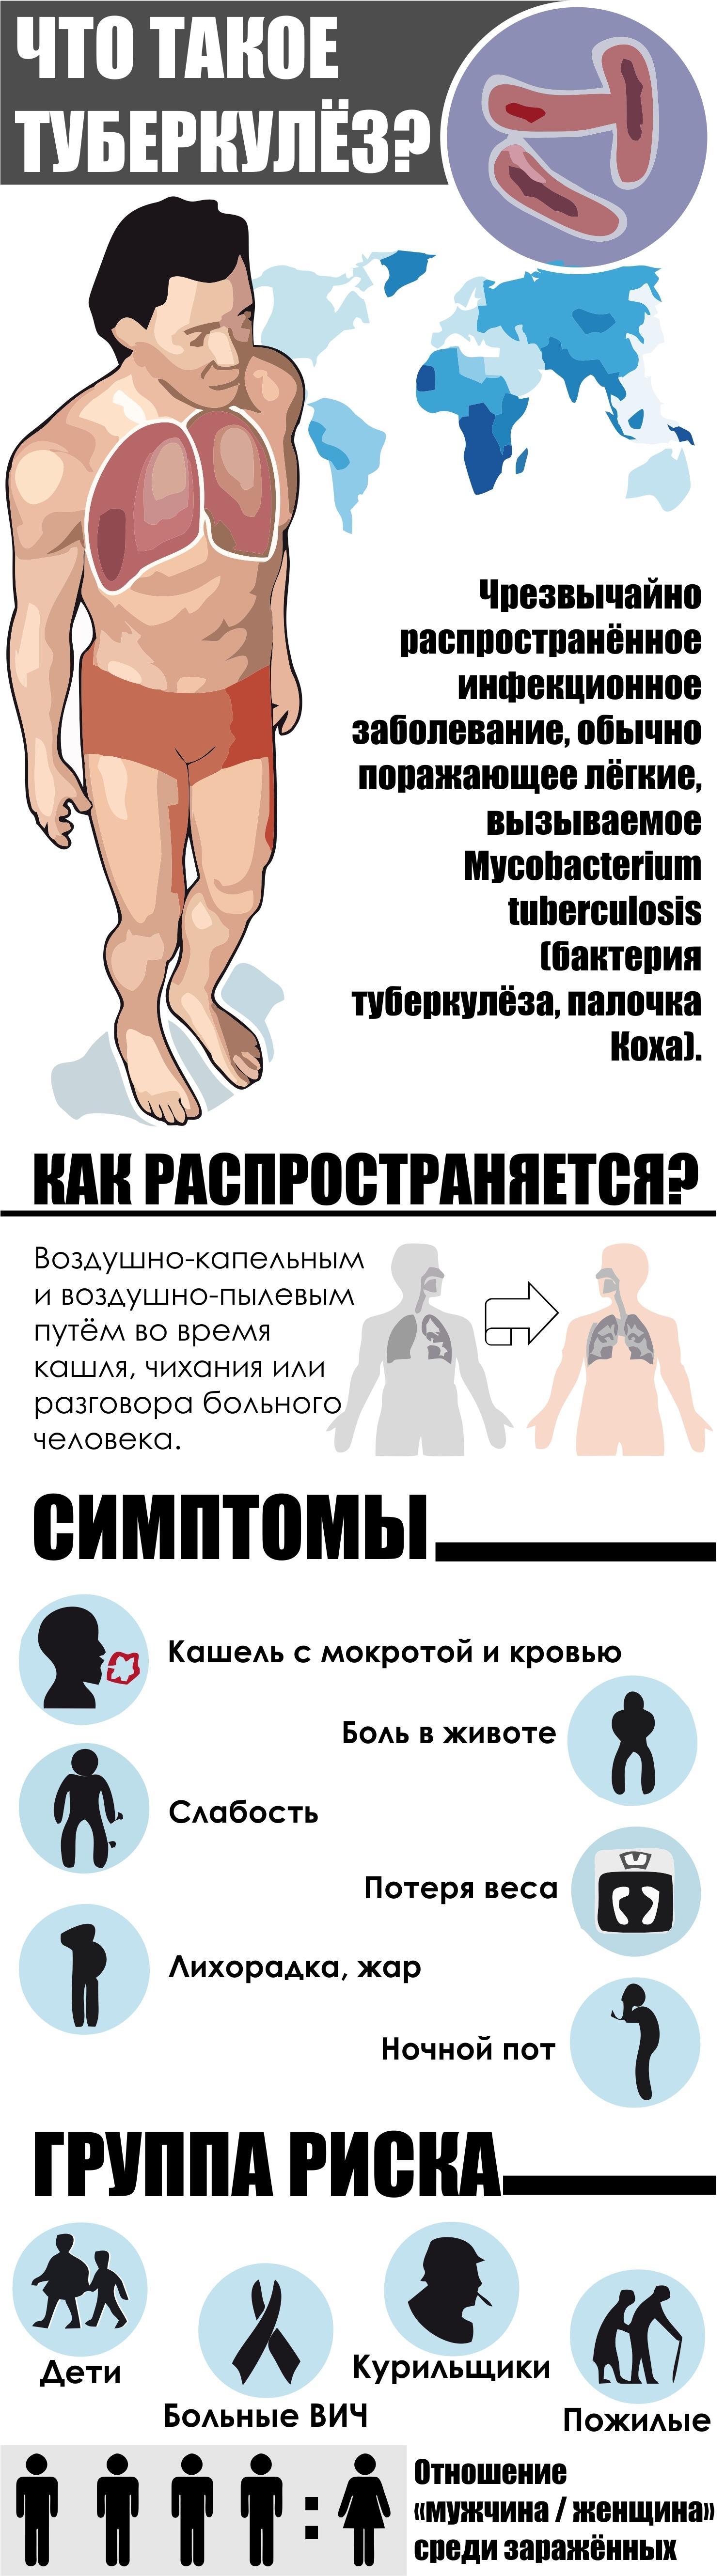 инфографика туберкулез